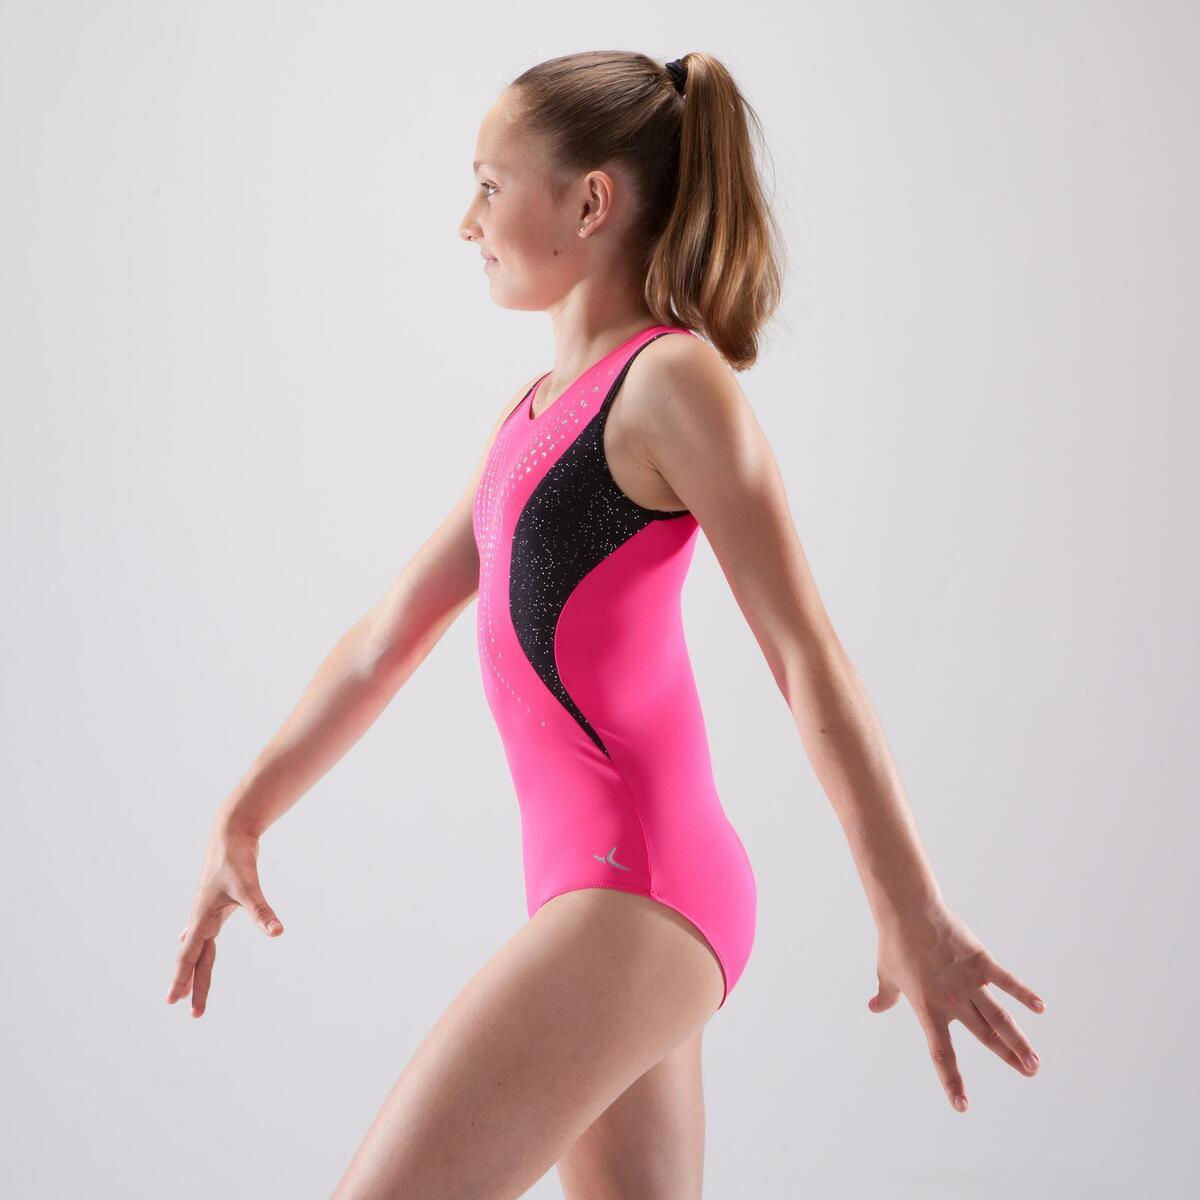 Bild 5 von Gymnastikanzug Turnanzug ärmellos Pailletten rosa